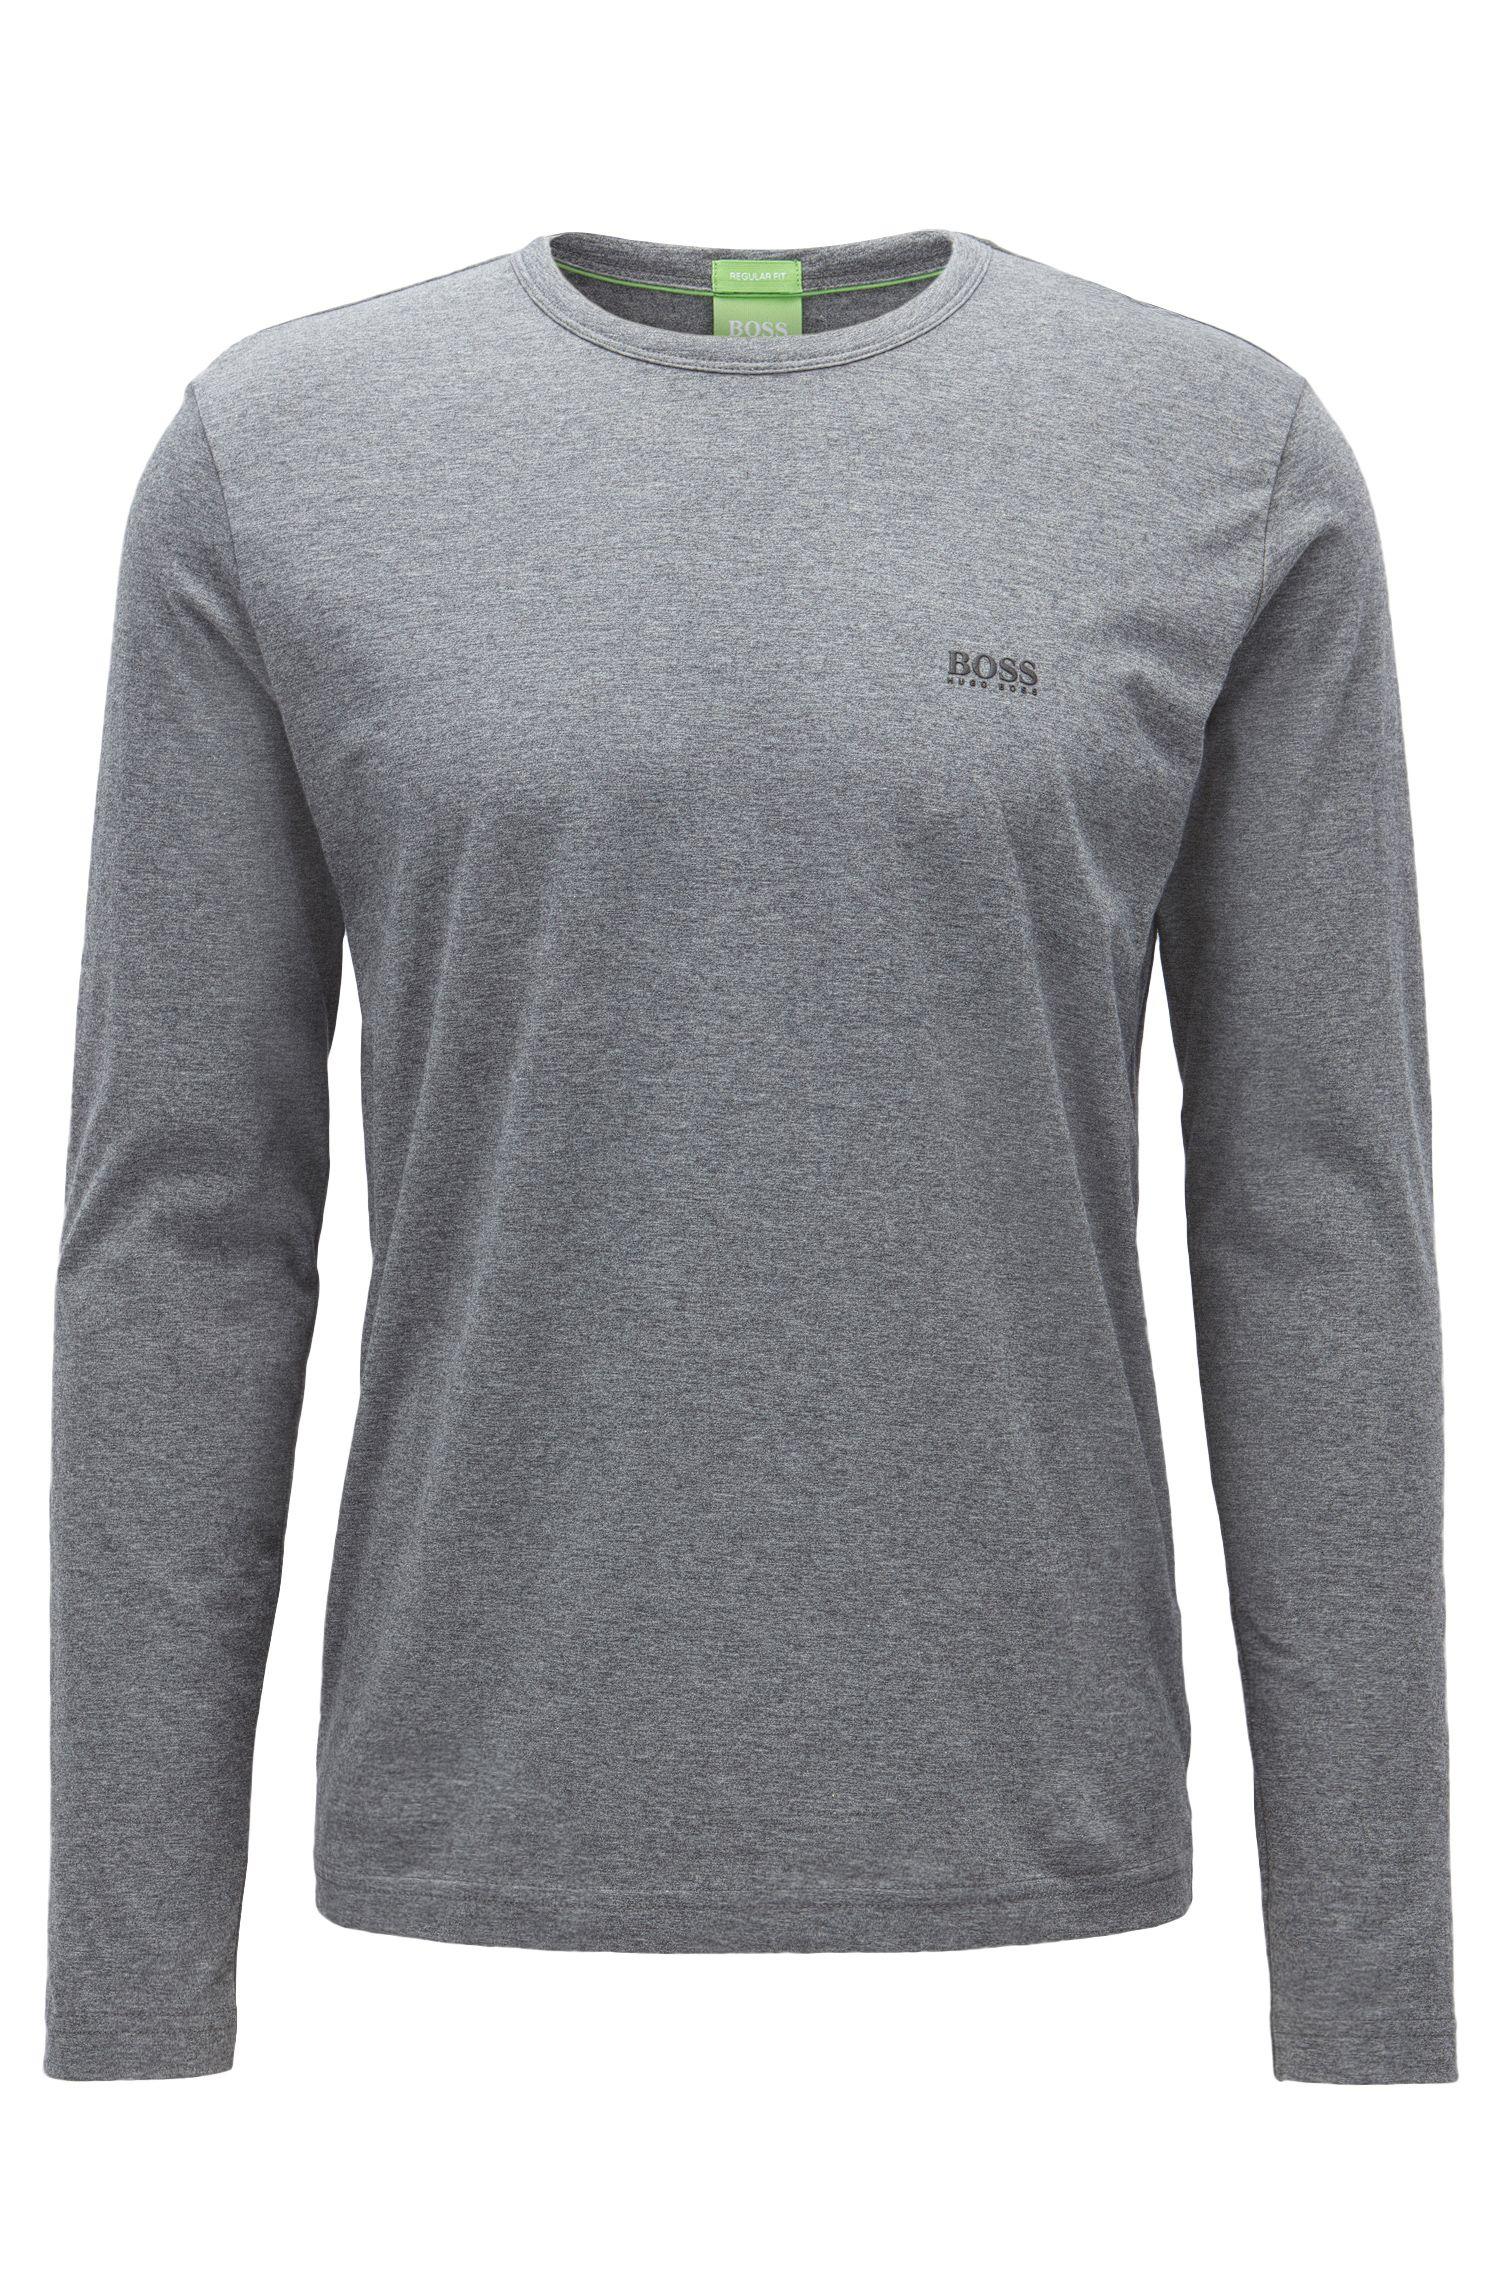 T-shirt regular fit in cotone a maniche lunghe